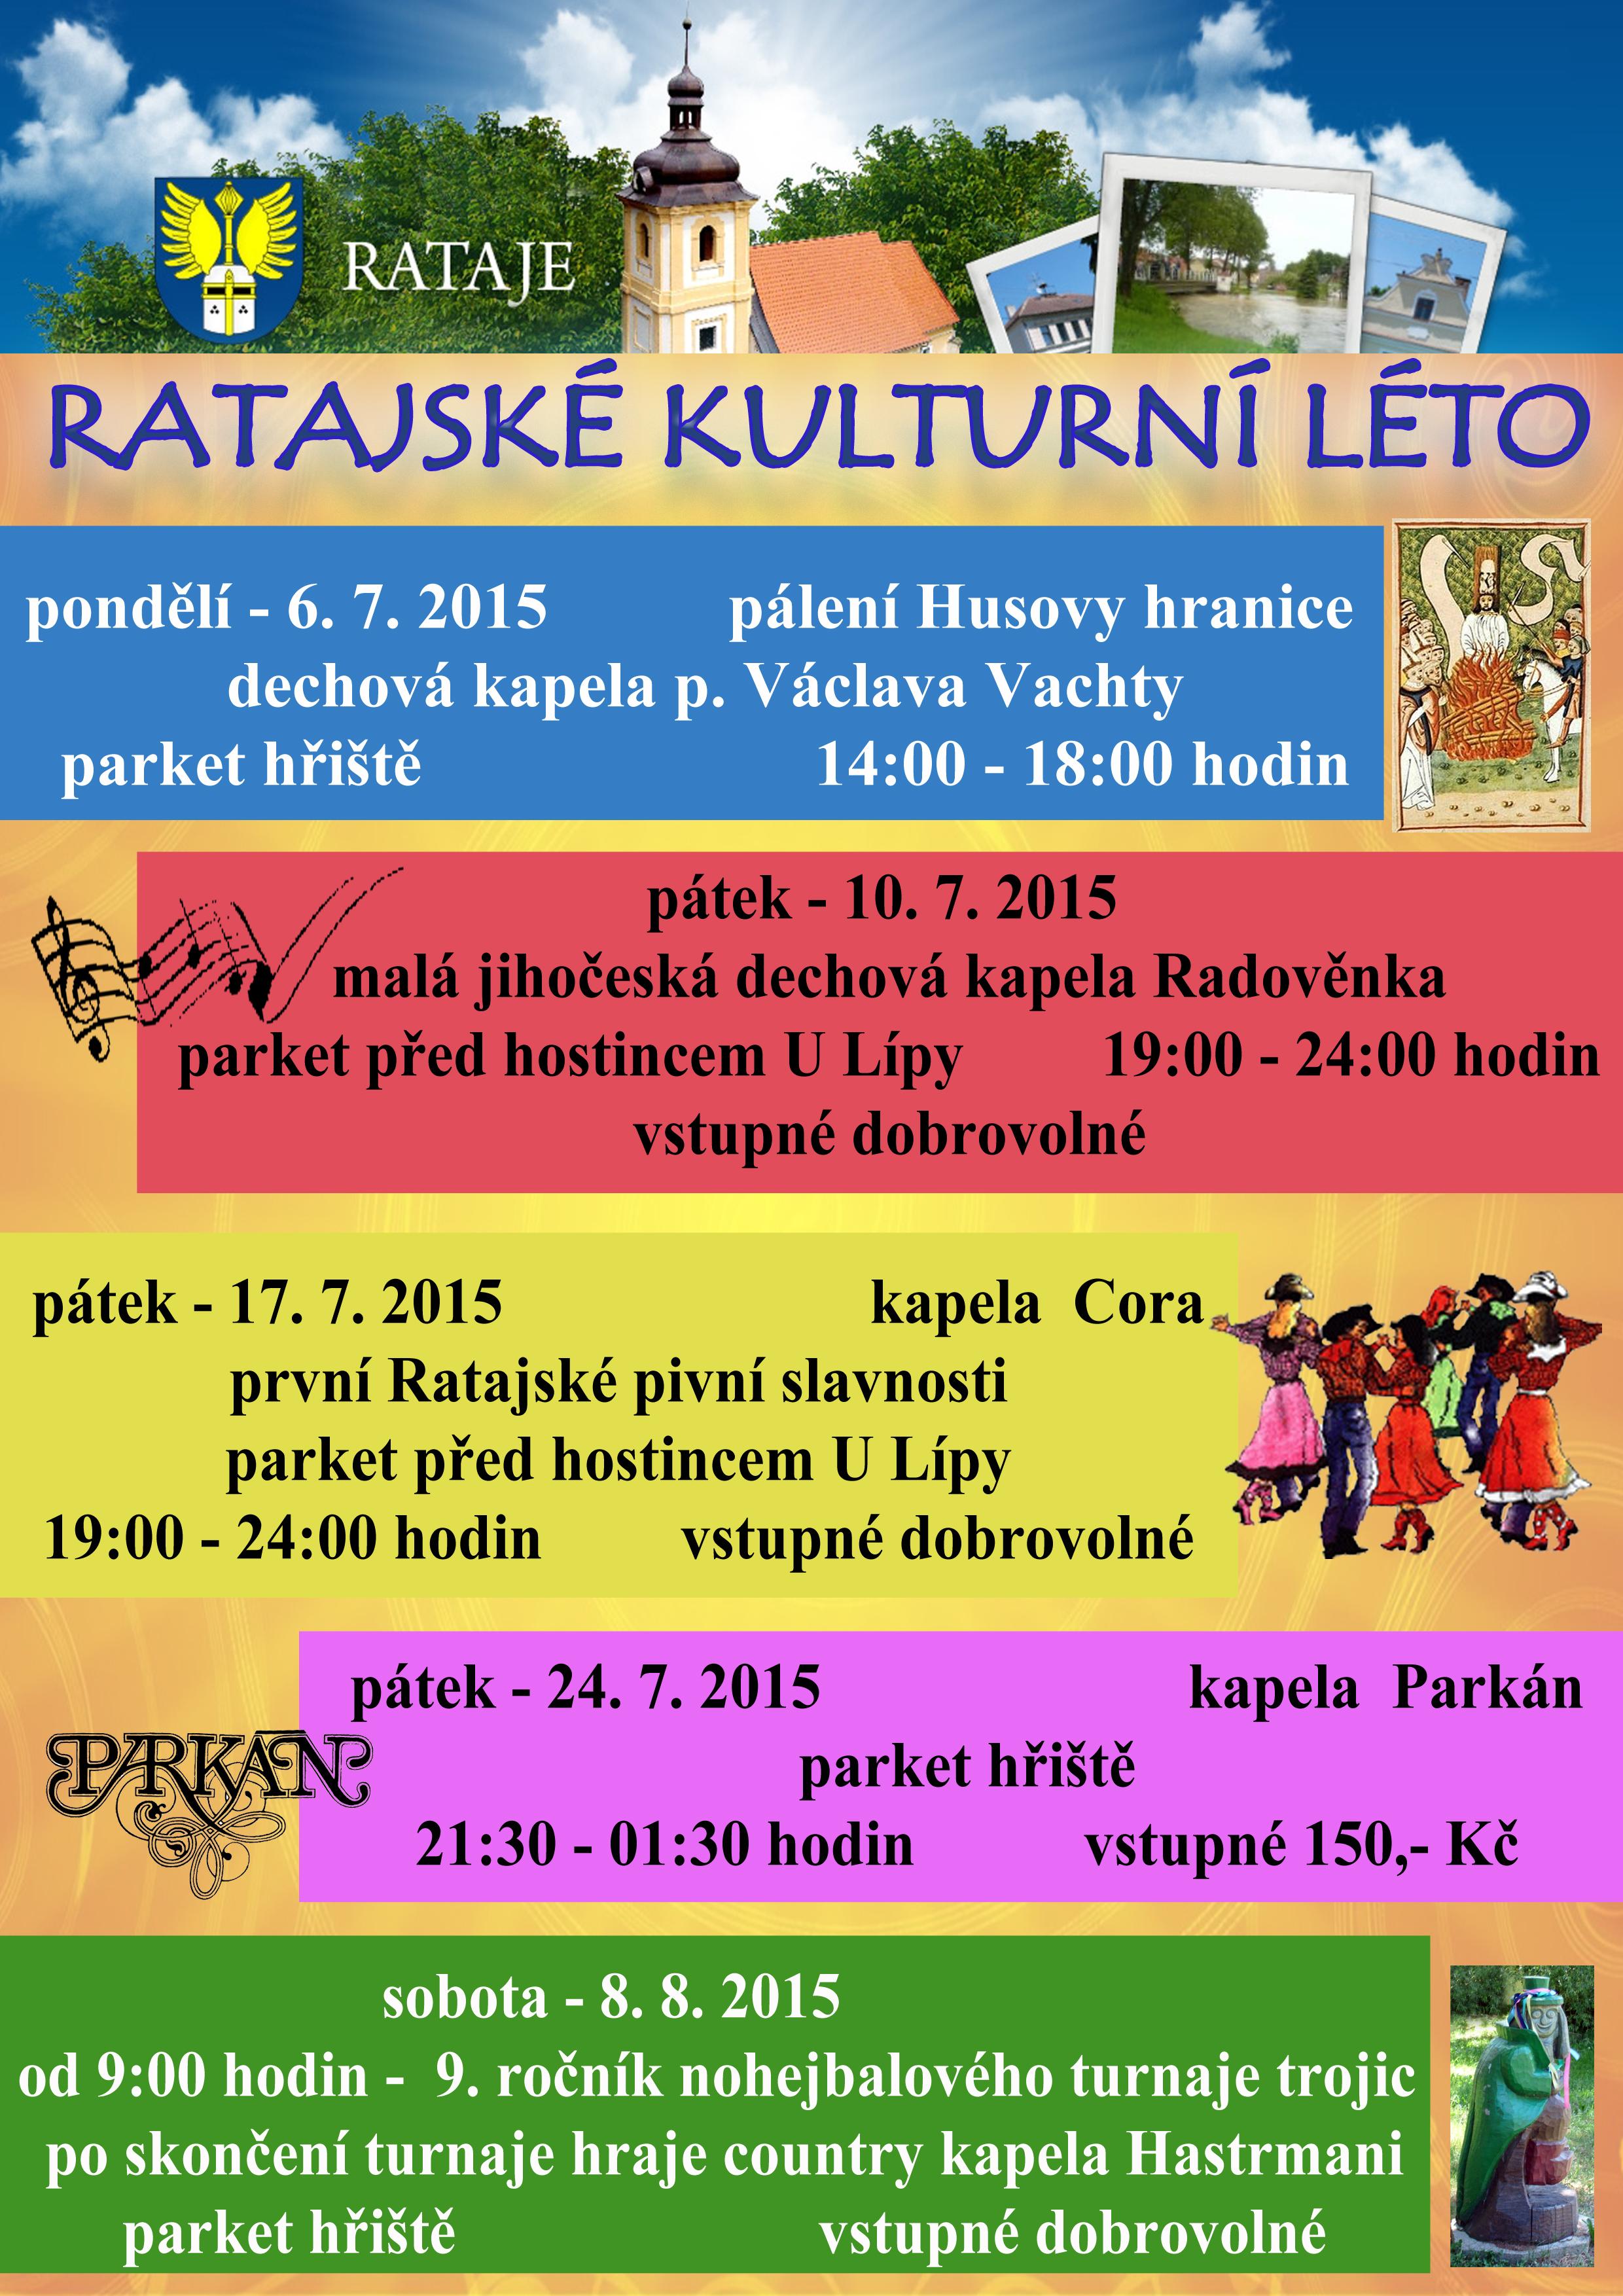 Program Ratajského kulturního léta 2015